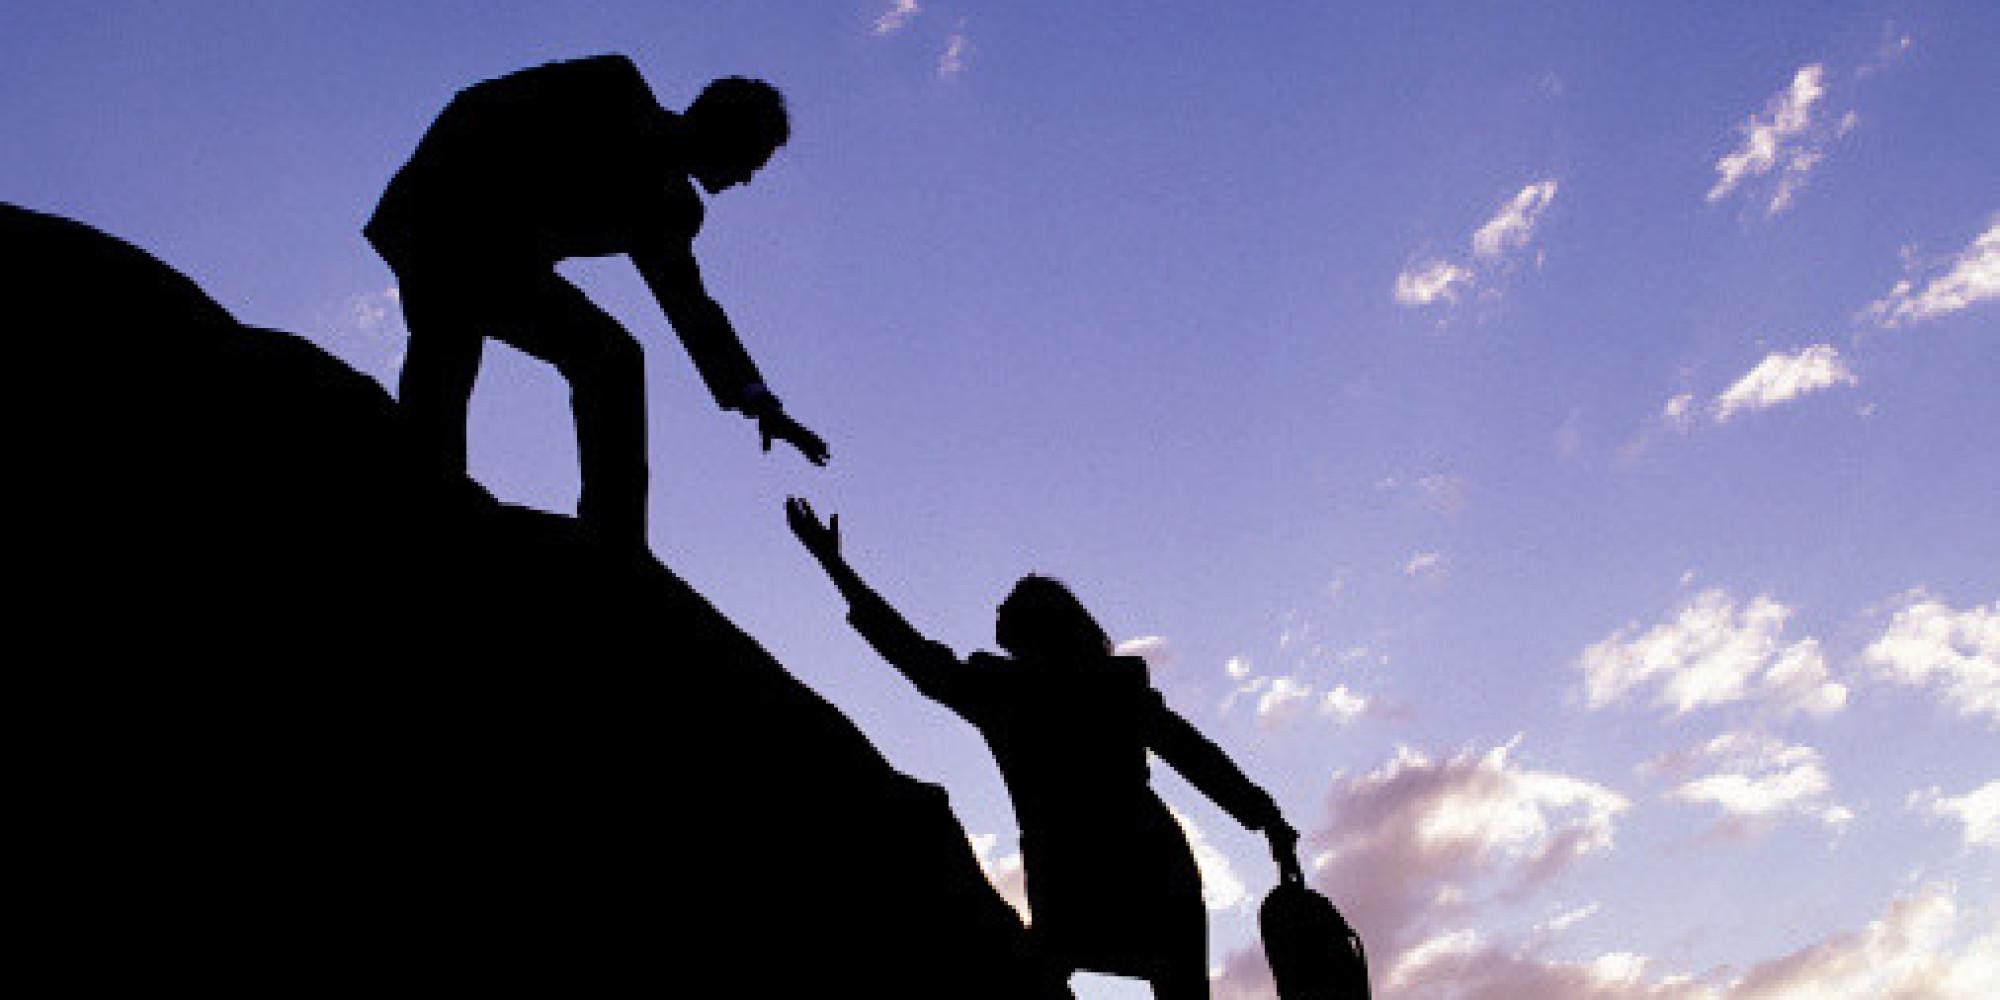 Studie: Deutsche haben Vertrauen ineinander